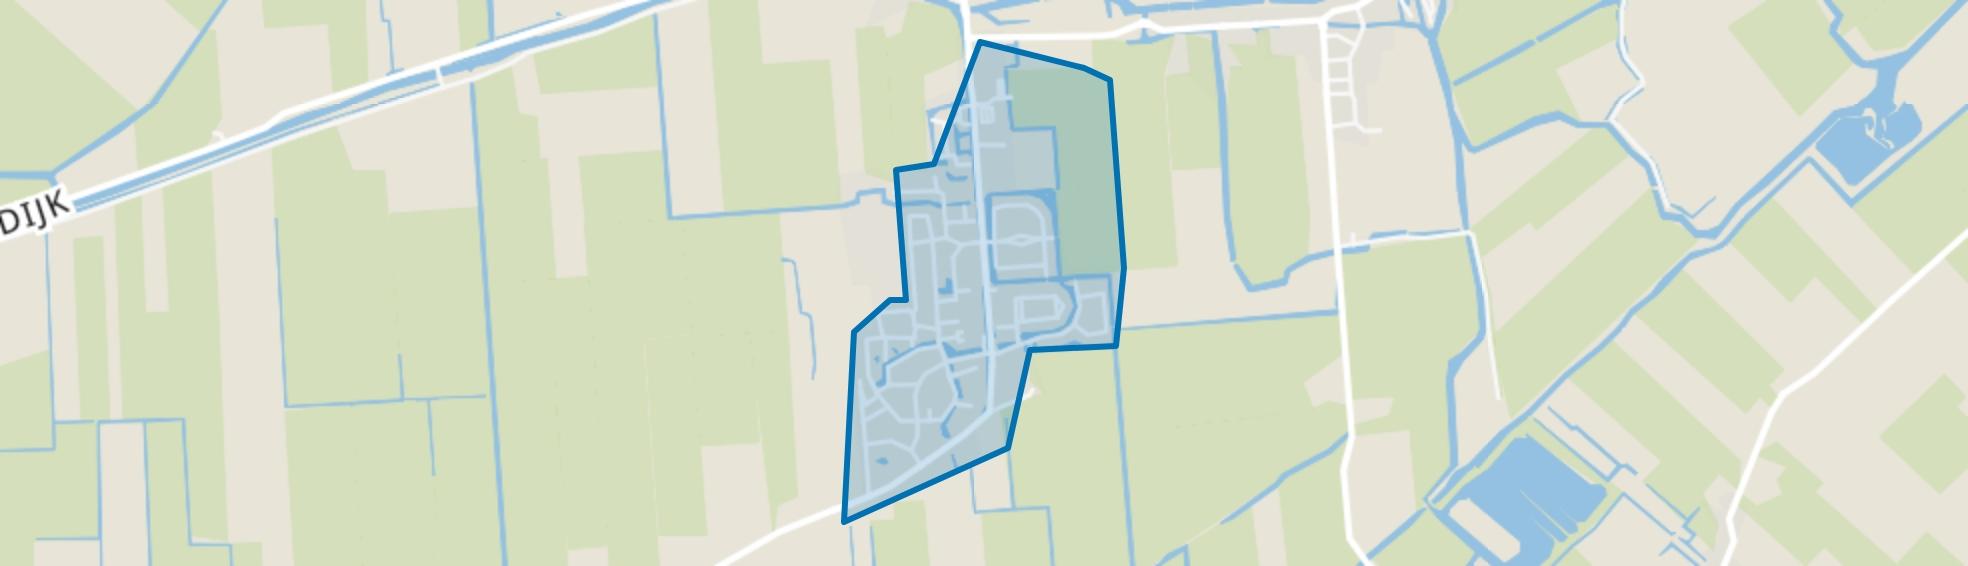 Midwoud Centrum, Midwoud map